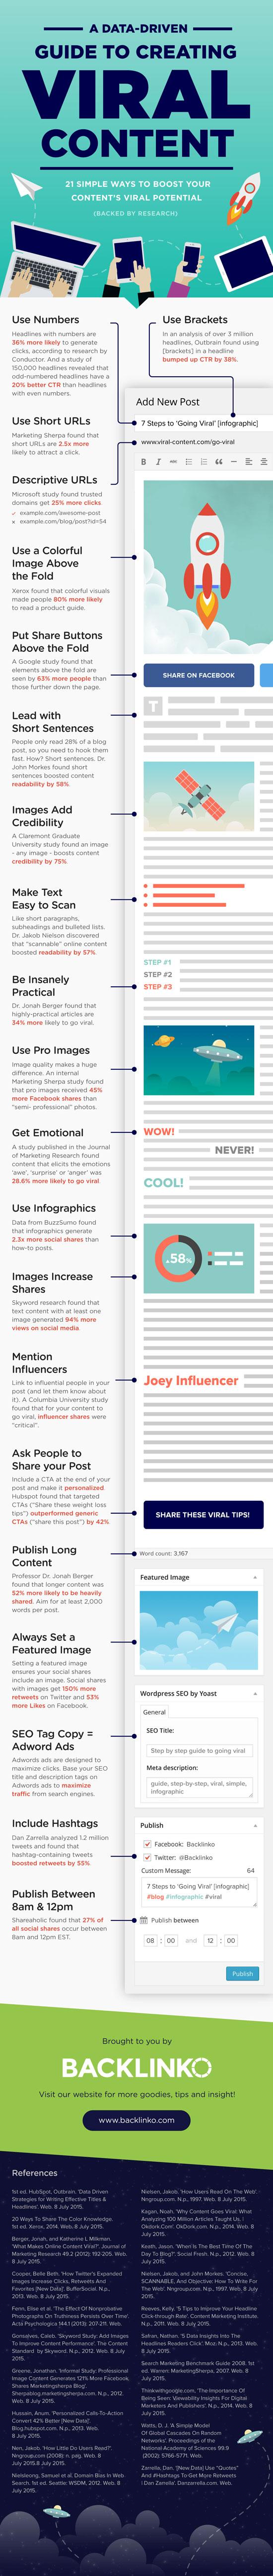 21-modi-per-creare-contenuti-virali-infografica